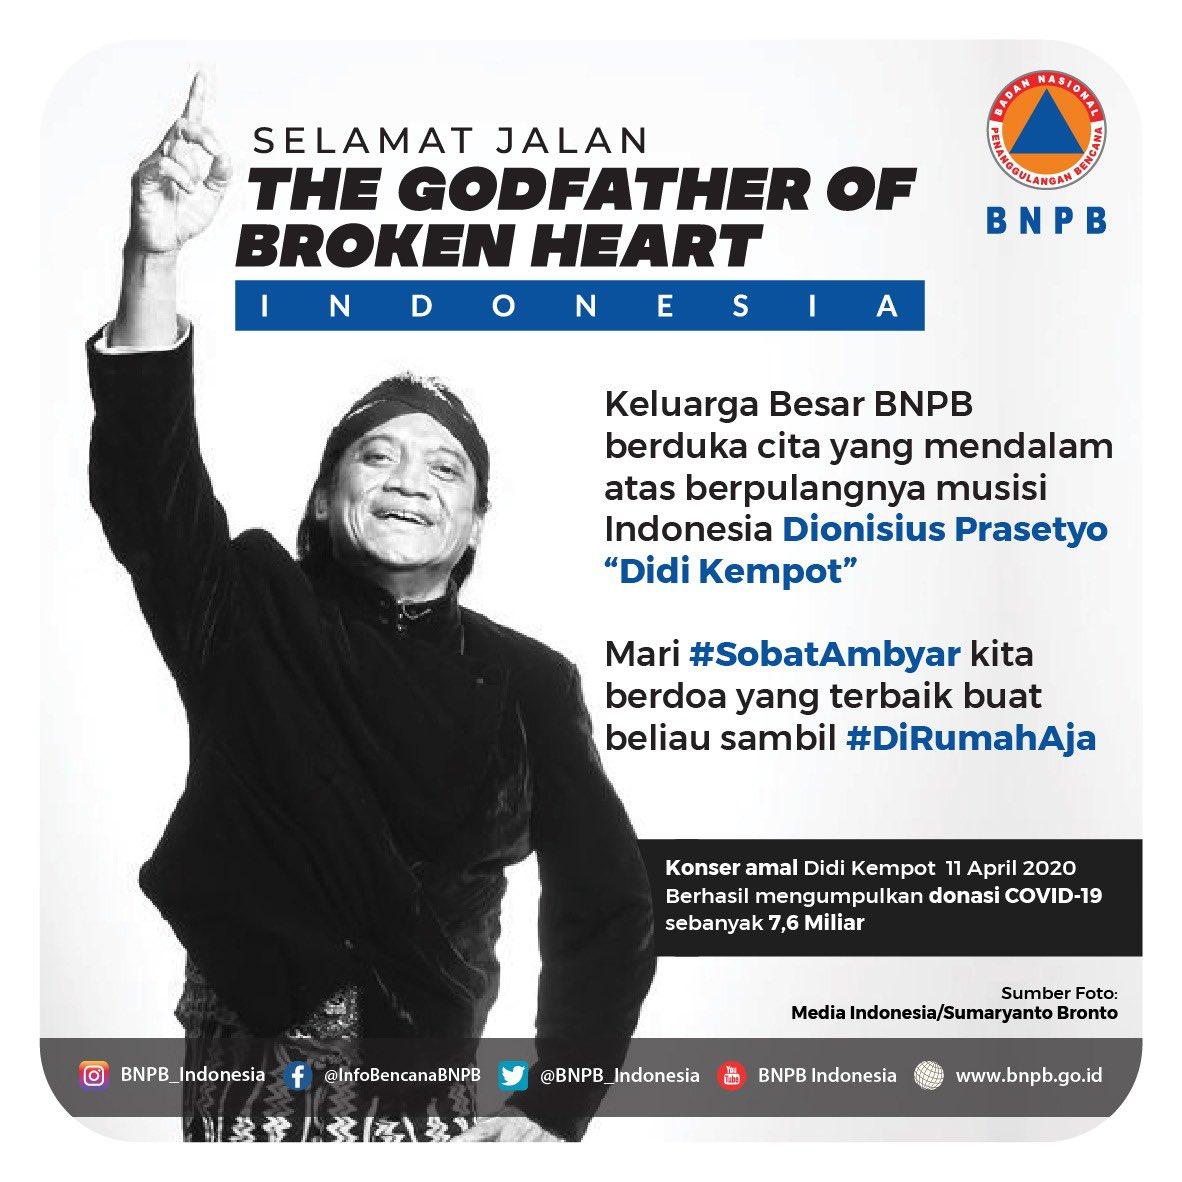 Bnpb Indonesia On Twitter Terima Kasih Atas Karya Karya Yang